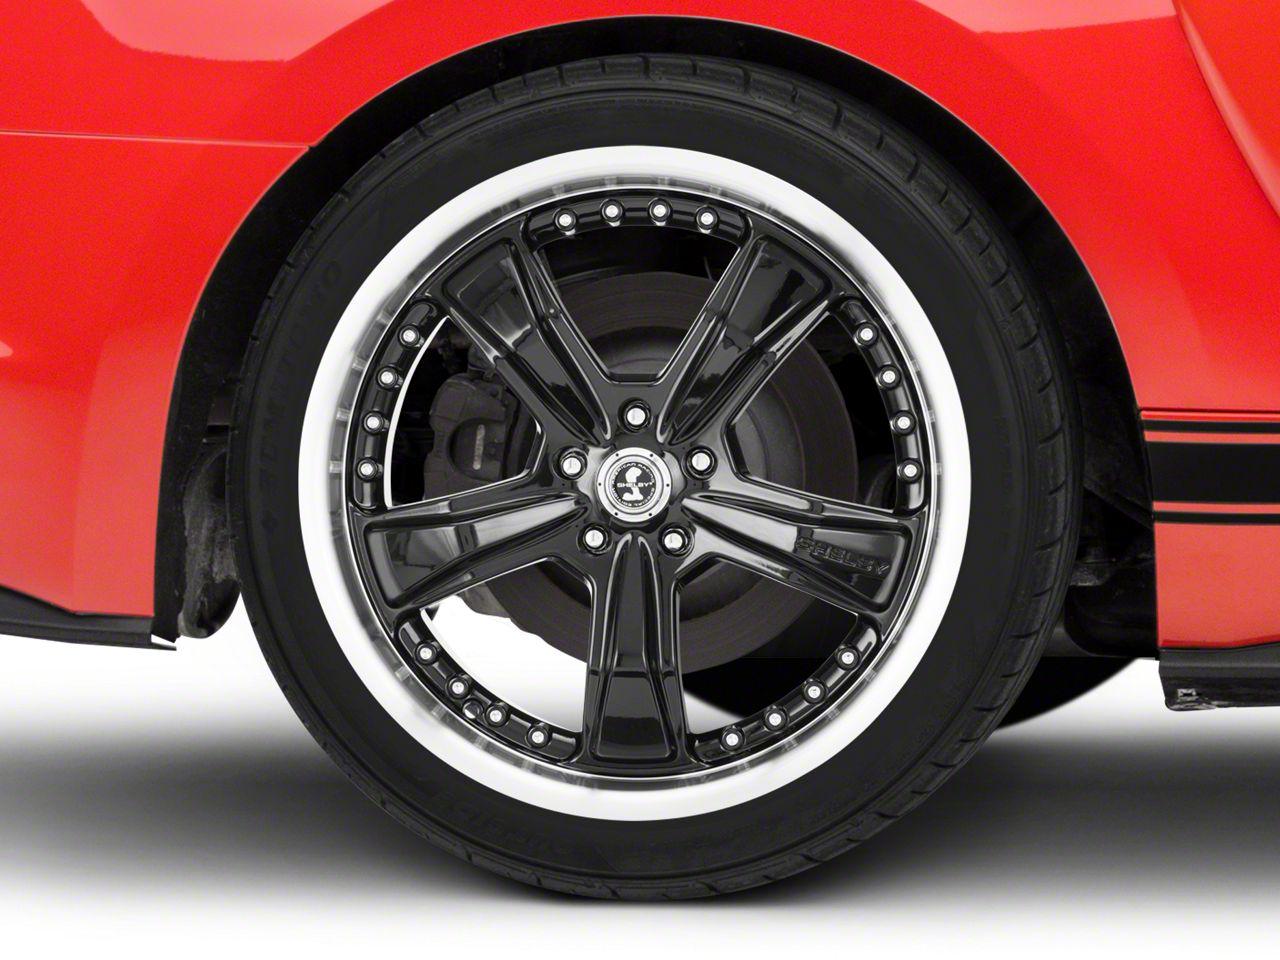 Shelby Razor Black Wheel - 20x10 - Rear Only (15-19 GT, EcoBoost, V6)